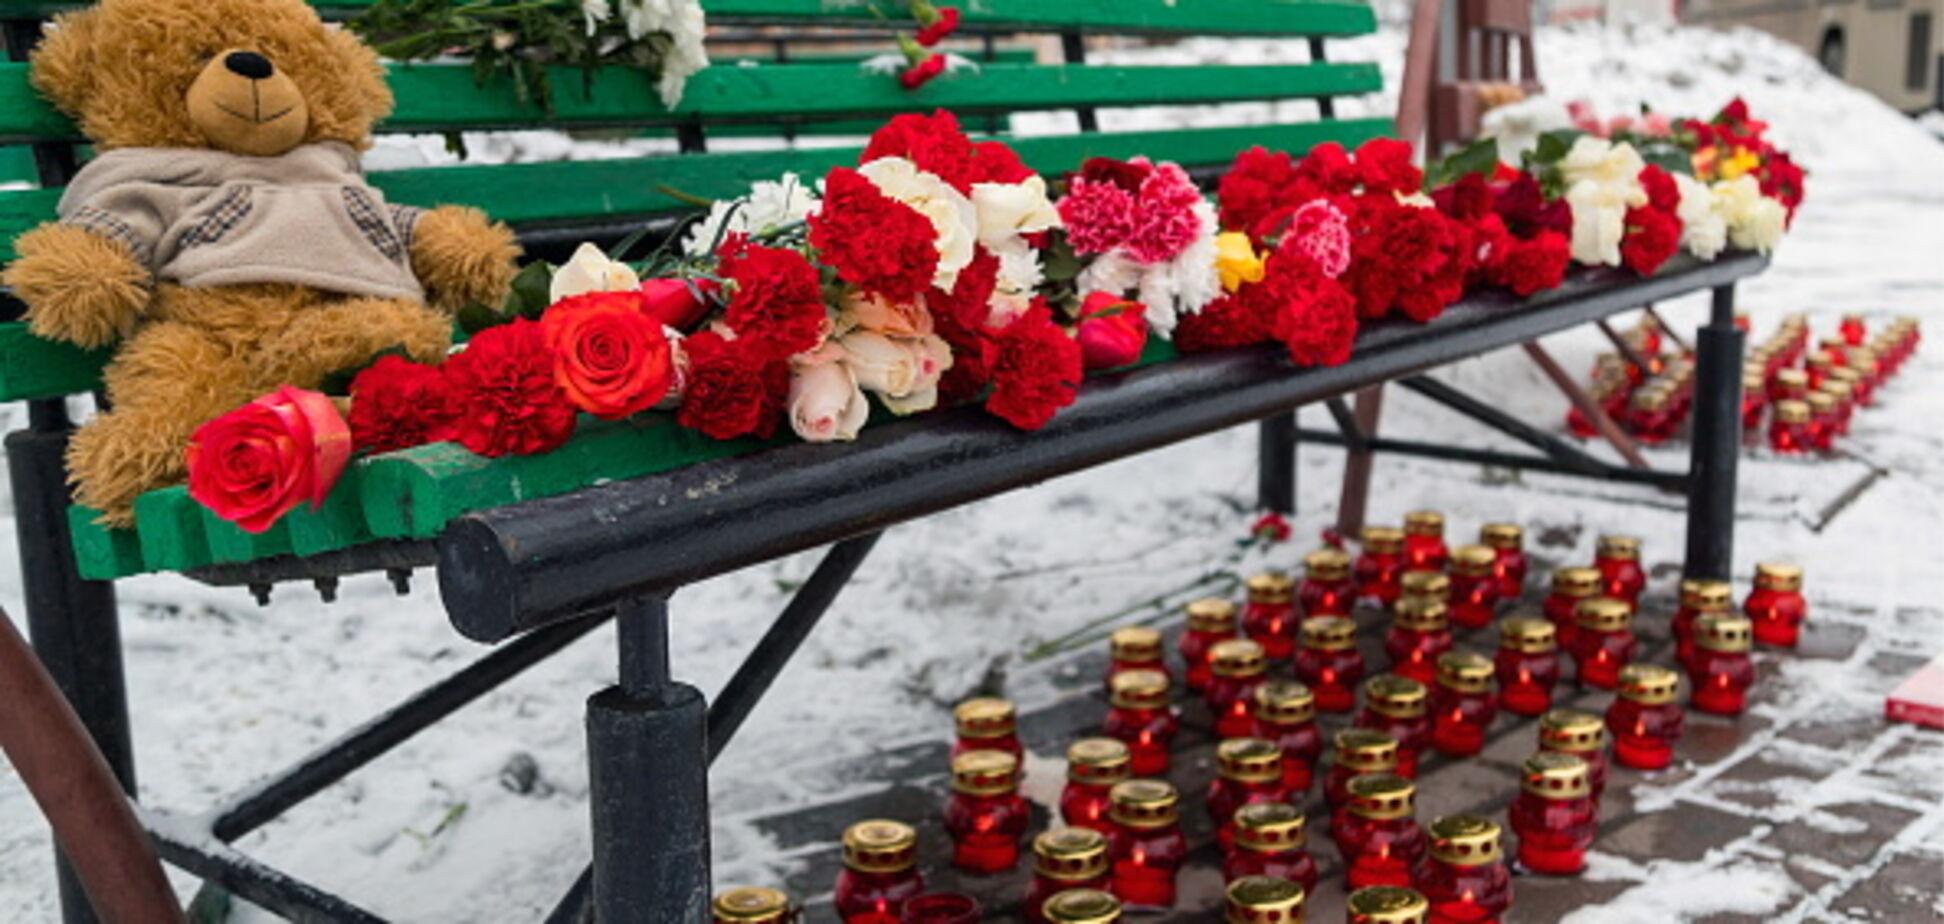 Пожар в Кемерово: очевидцы рассказали, как сотрудники ТЦ не дали спасти детей